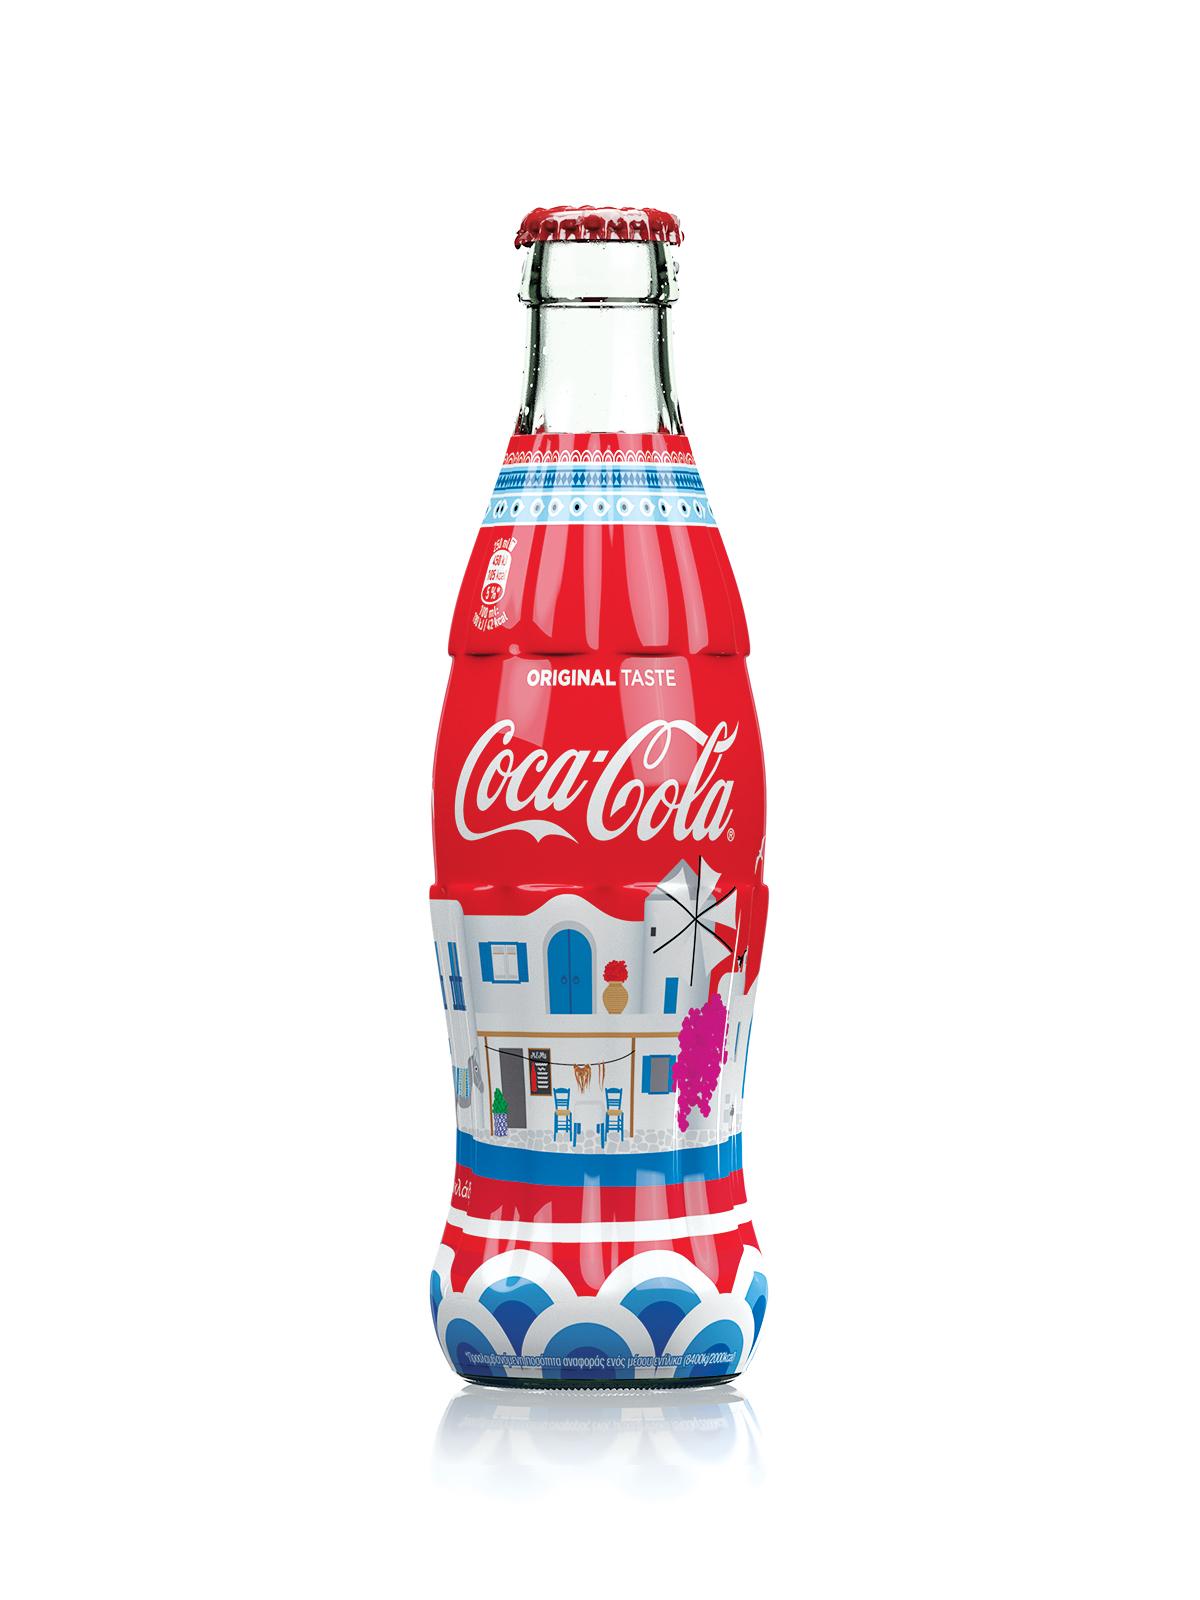 Coca-Cola Cyclades Original Taste limited edition bottle